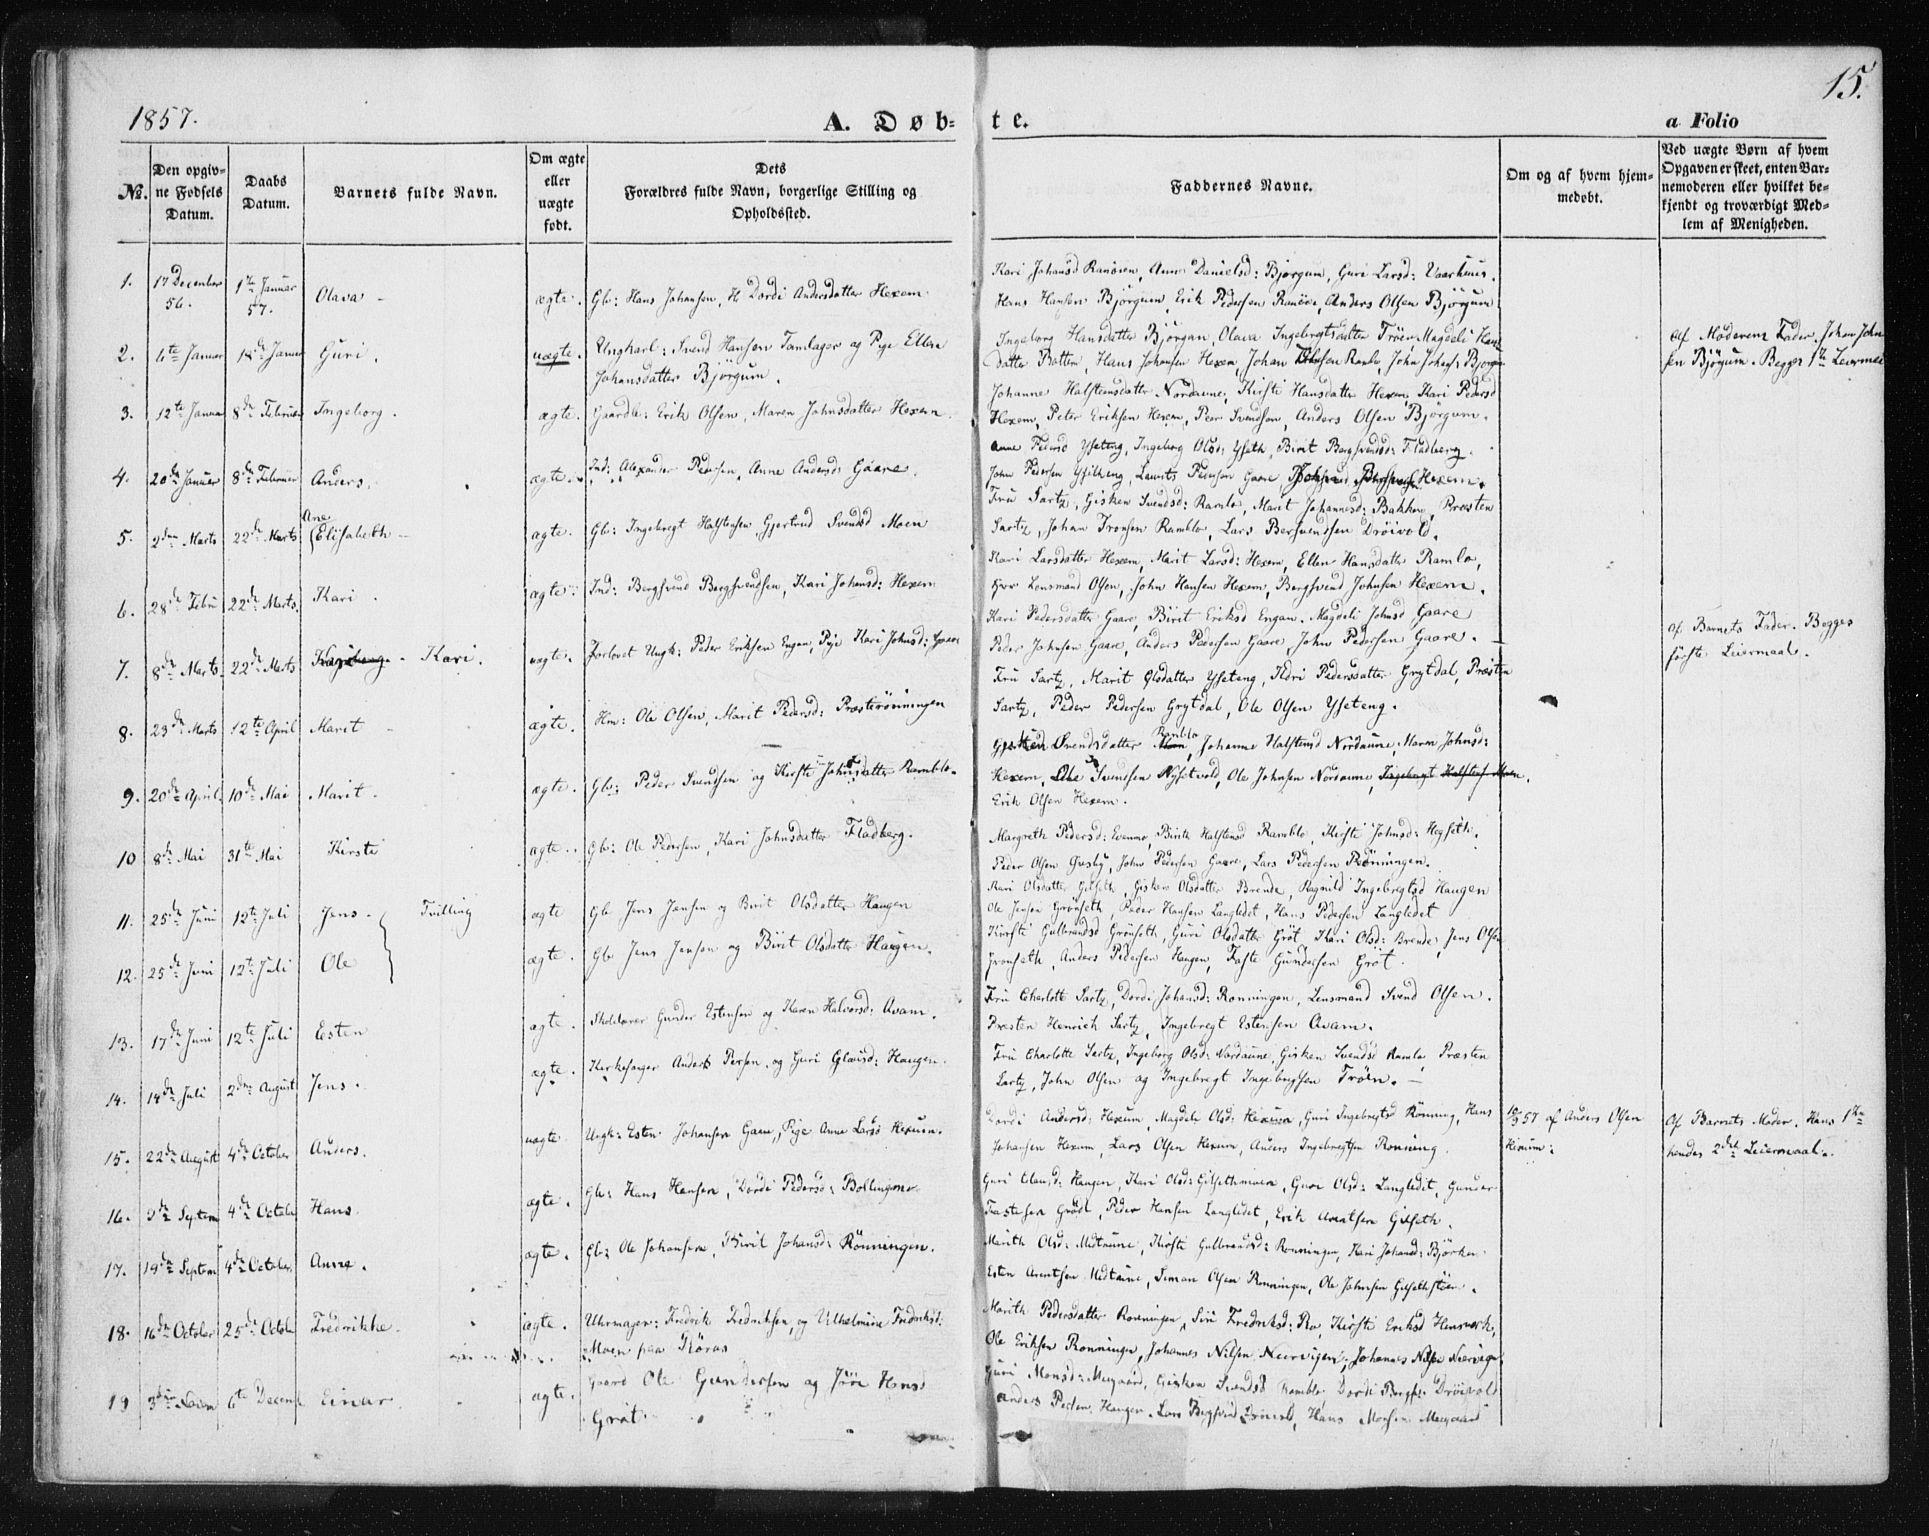 SAT, Ministerialprotokoller, klokkerbøker og fødselsregistre - Sør-Trøndelag, 685/L0963: Ministerialbok nr. 685A06 /1, 1846-1859, s. 15